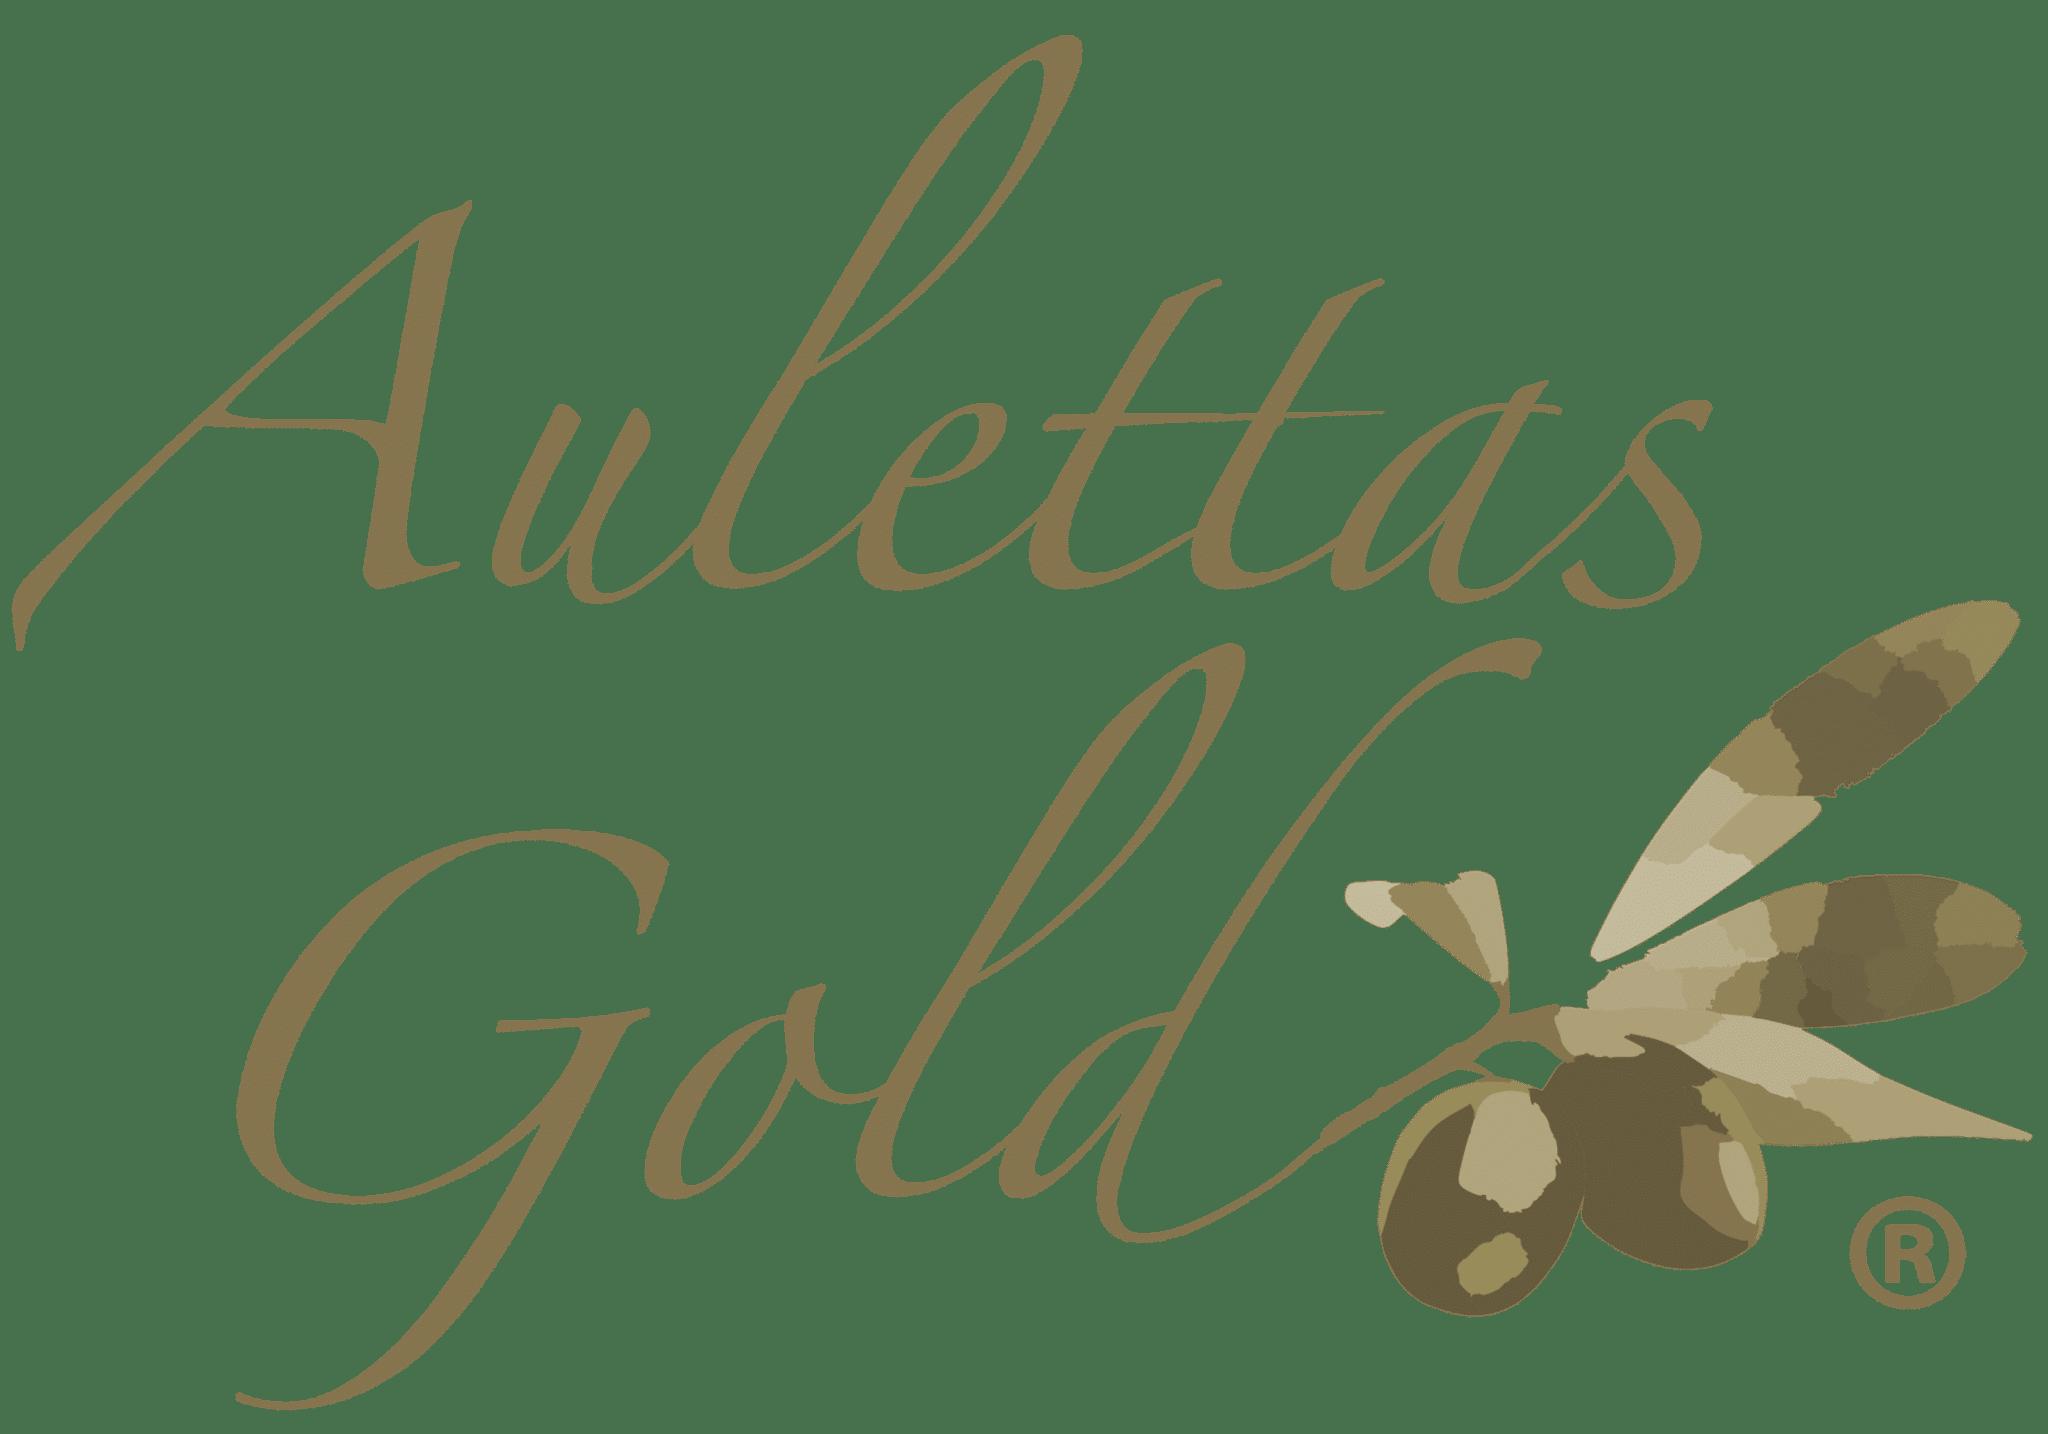 Aulettas Gold